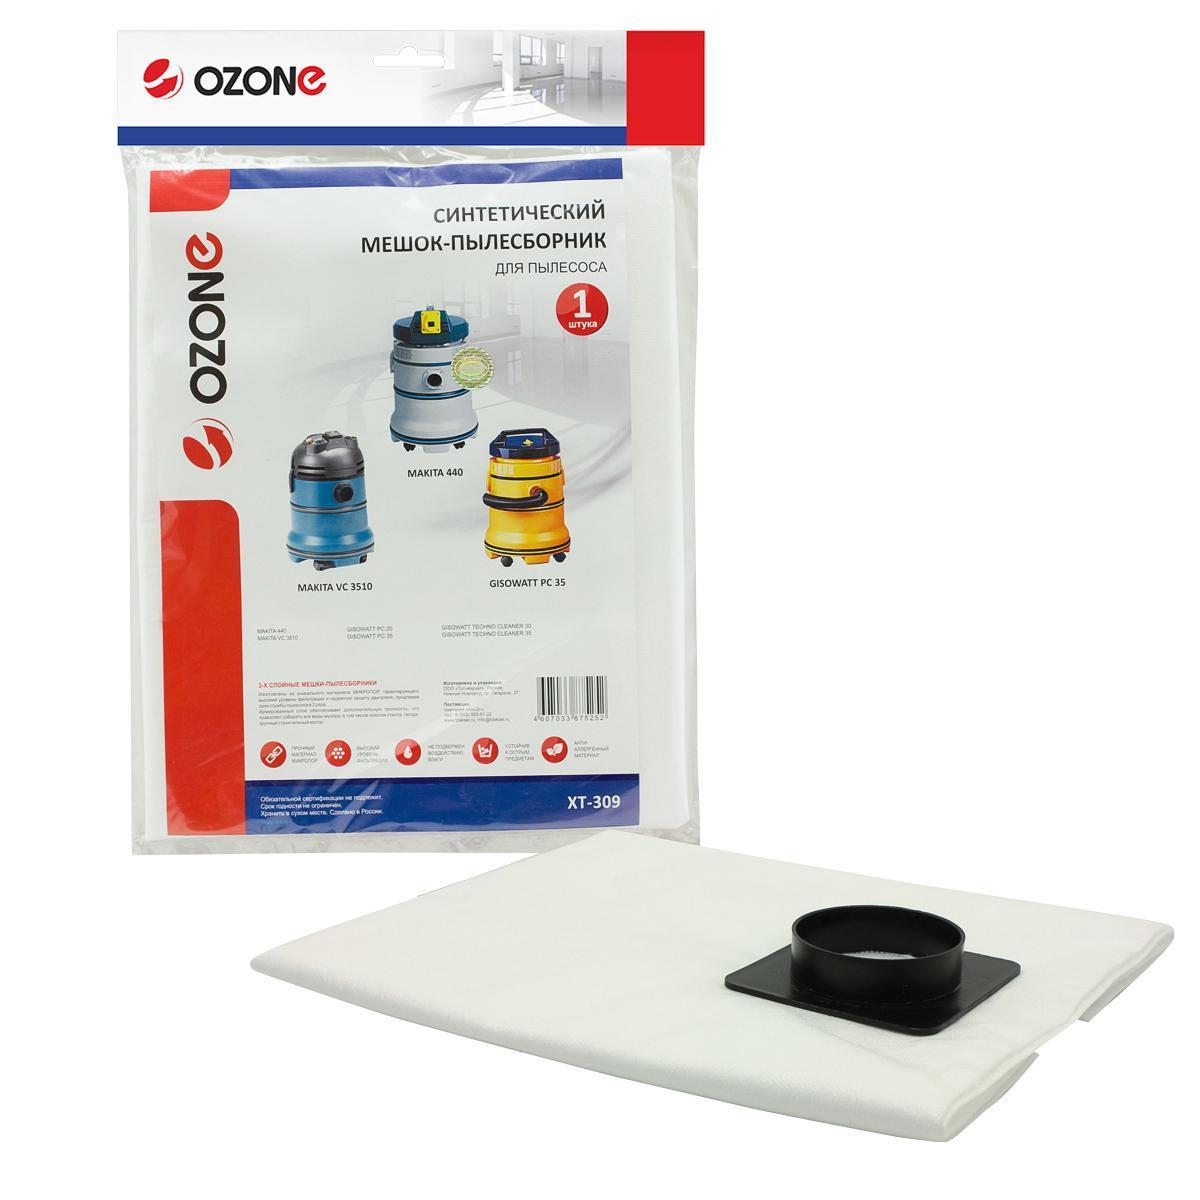 Мешок Ozone Xt-309 1 шт./уп. мешок ozone xt 306